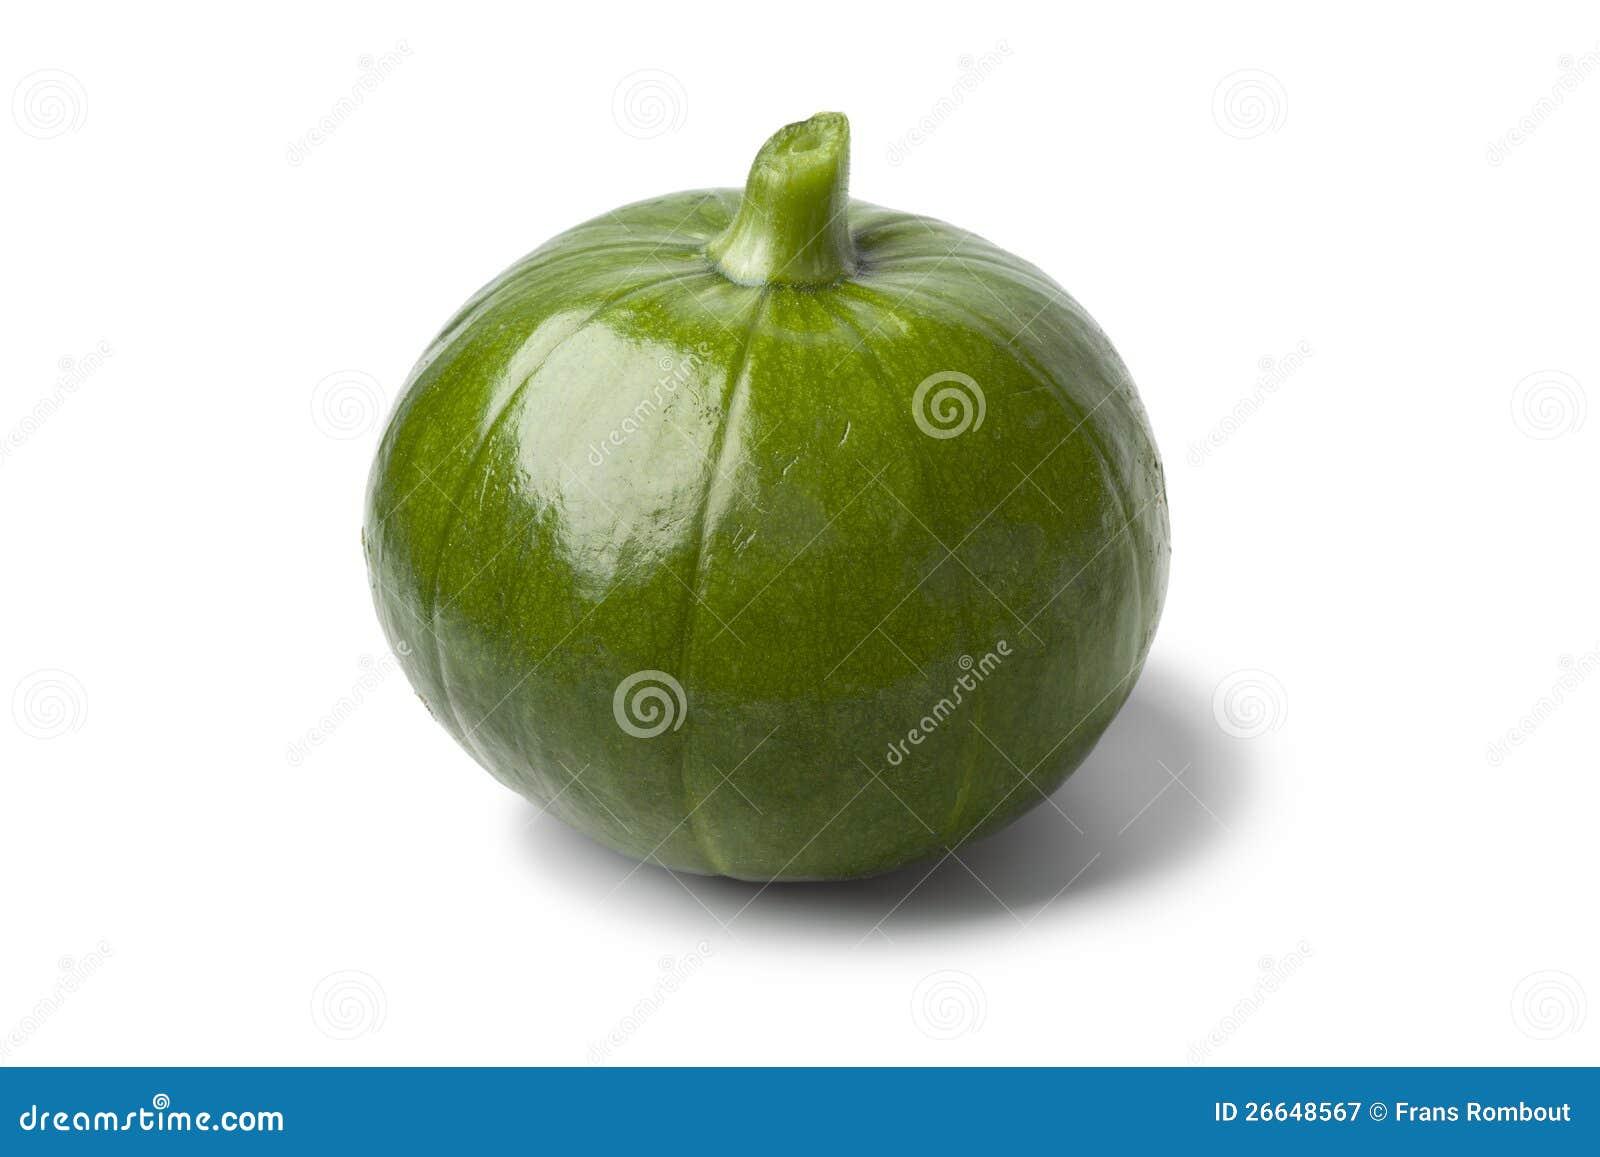 runde zucchini stockbild bild von wei gem se zucchini 26648567. Black Bedroom Furniture Sets. Home Design Ideas